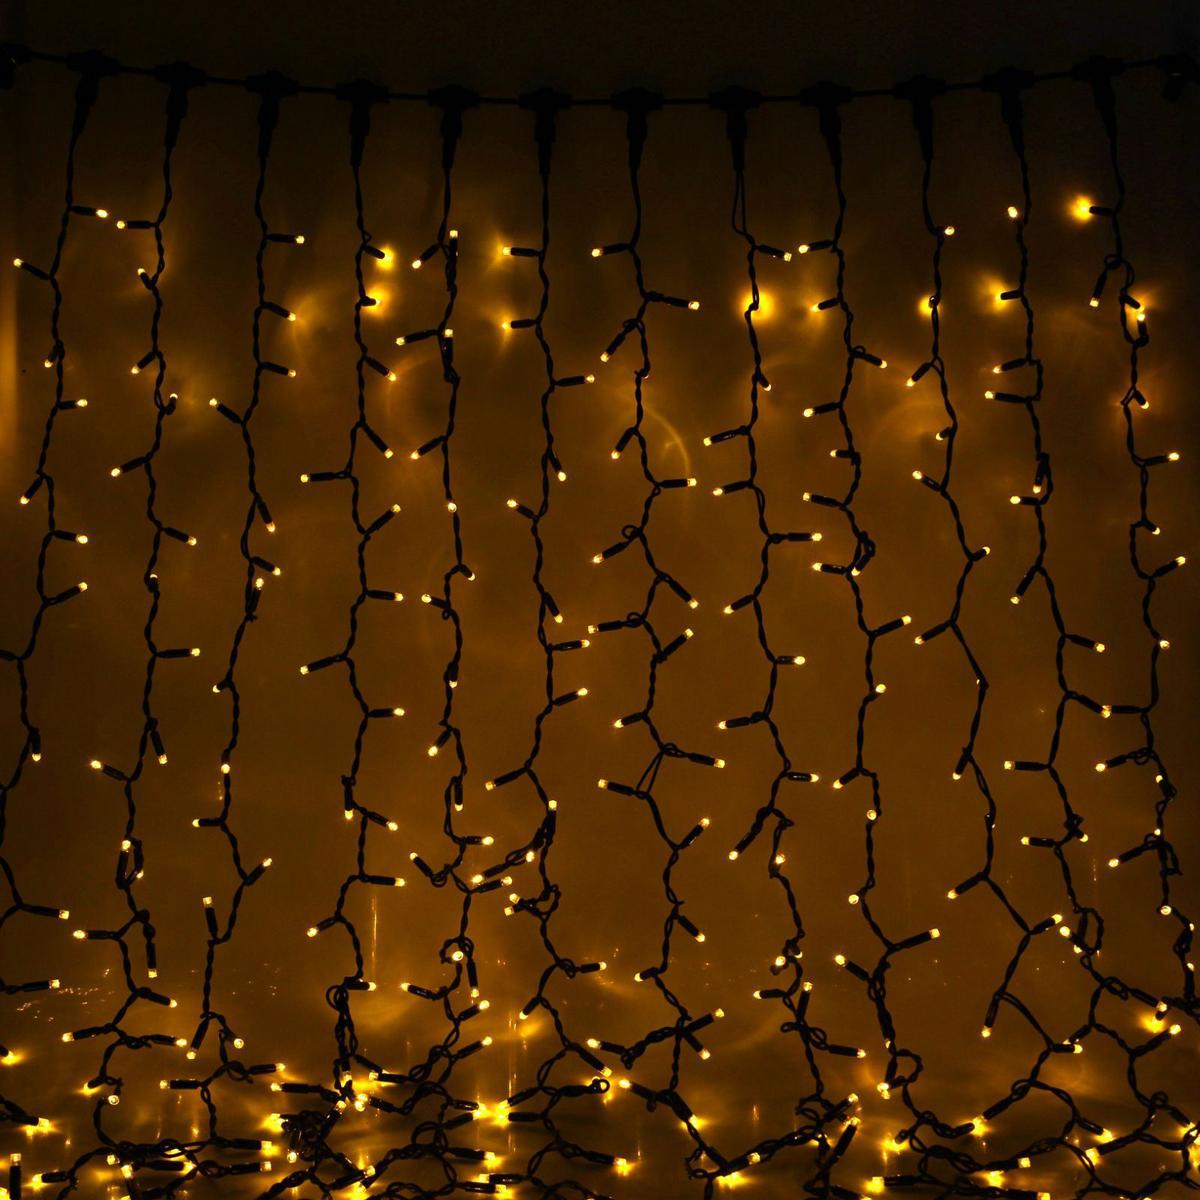 Гирлянда светодиодная Sima-land Занавес, цвет: желтый, уличная, 760 ламп, 220 V, 2 х 3 м. 23328562332856Светодиодные гирлянды и ленты — это отличный вариант для новогоднего оформления интерьера или фасада. С их помощью помещение любого размера можно превратить в праздничный зал, а внешние элементы зданий, украшенные ими, мгновенно станут напоминать очертания сказочного дворца. Такие украшения создают ауру предвкушения чуда. Деревья, фасады, витрины, окна и арки будто специально созданы, чтобы вы украсили их светящимися нитями.